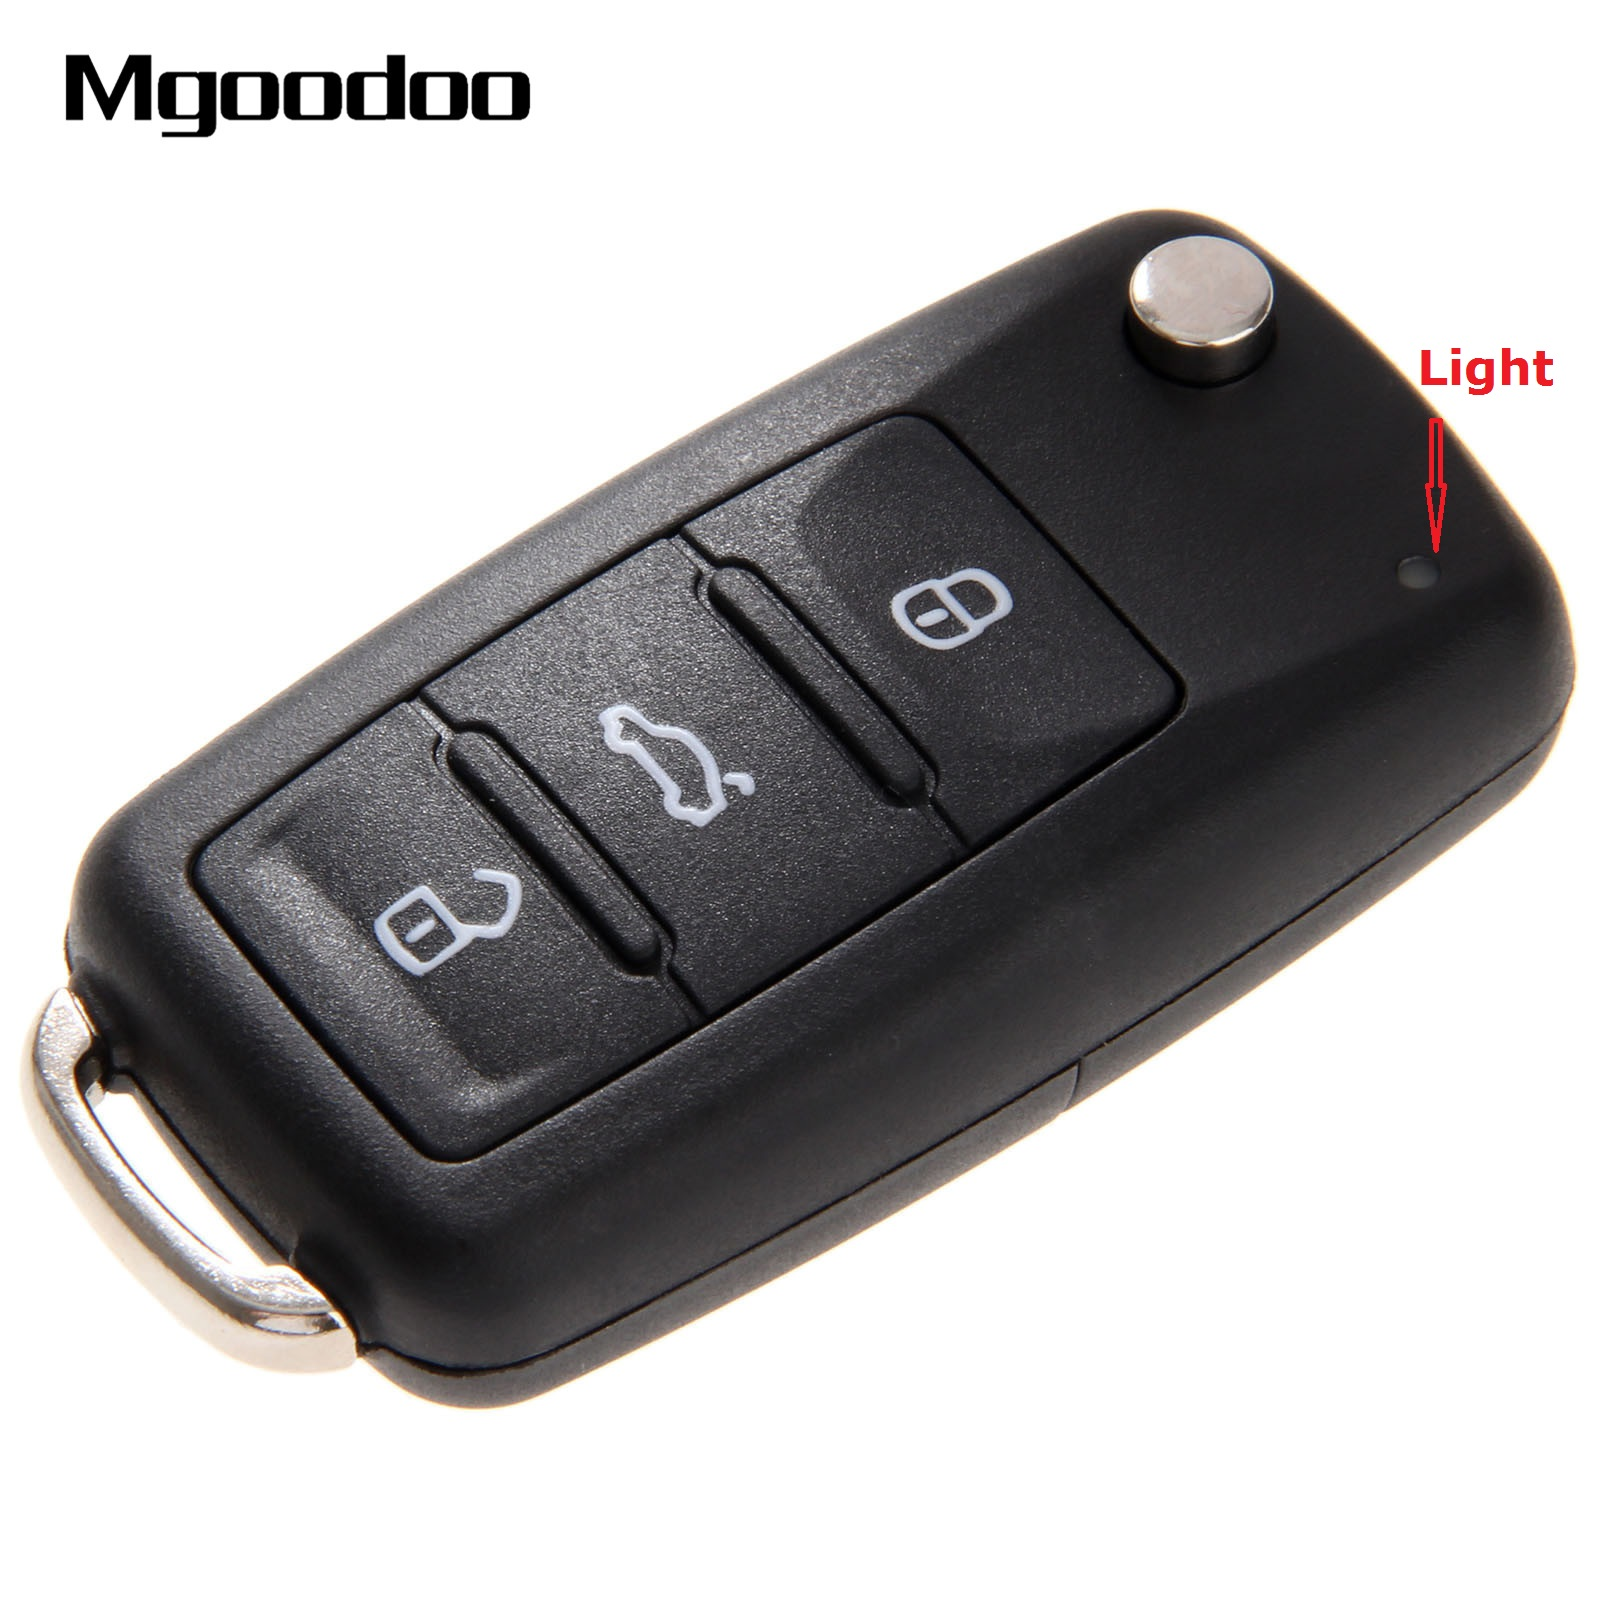 3 botões flip dobrável carro remoto chave do escudo para vw volkswagen golf mk6 tiguan polo passat cc seat skoda octavia caso em branco fob